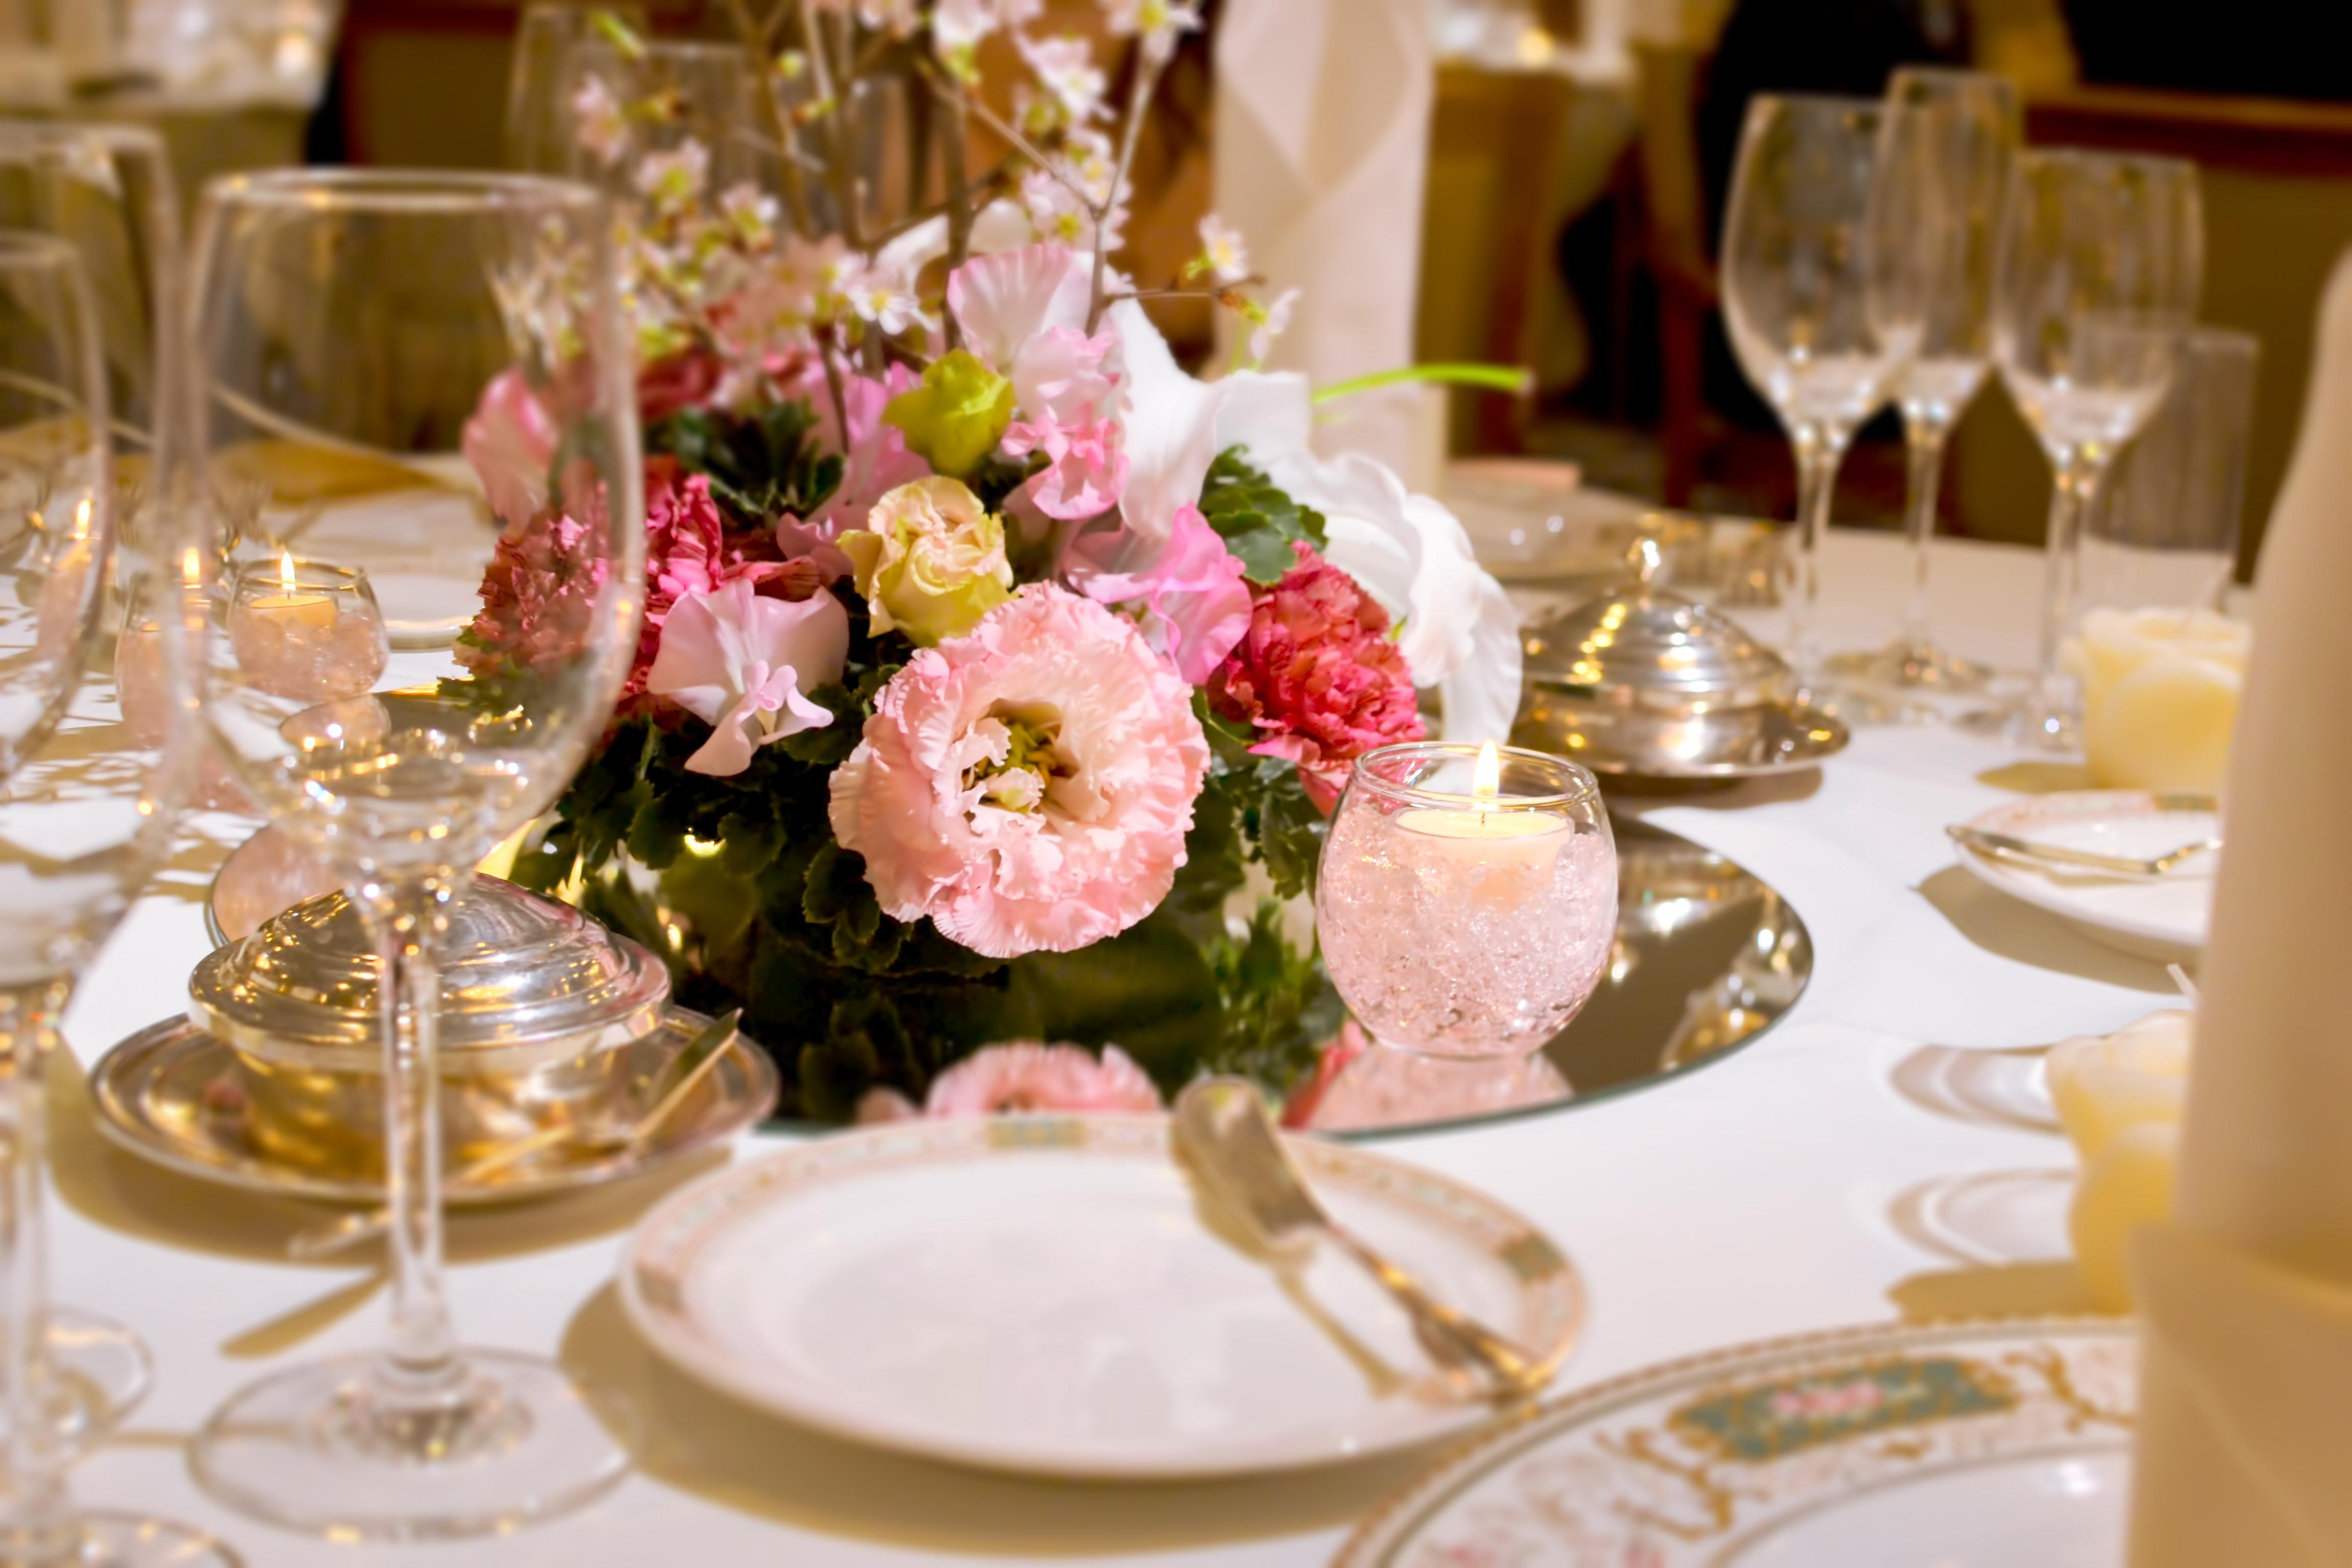 結婚式の二次会を正しく断る方法|メール/招待状